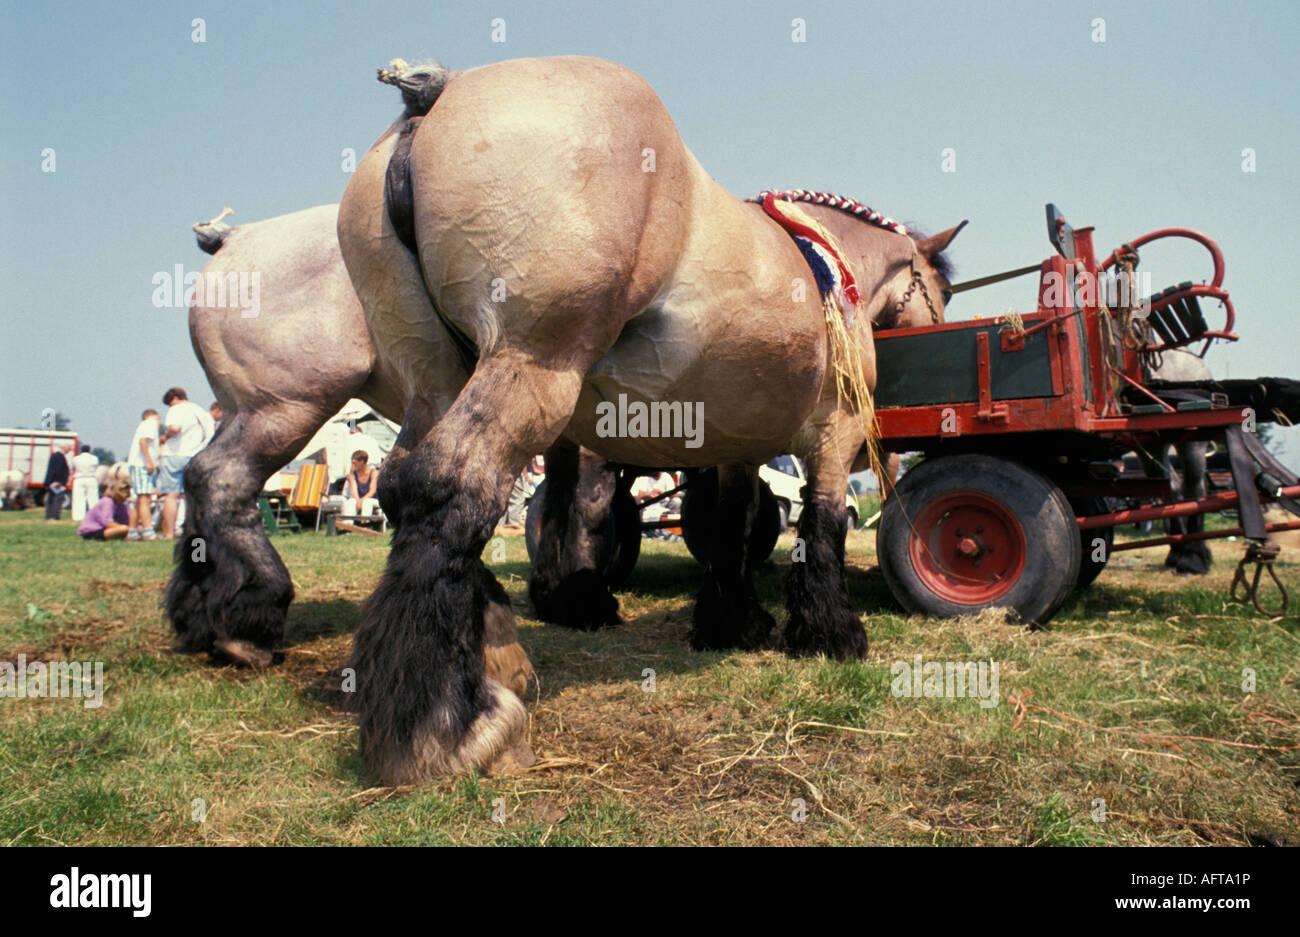 Seroorskerke Pays-Bas Belgique chevaux de l'article Photo Stock